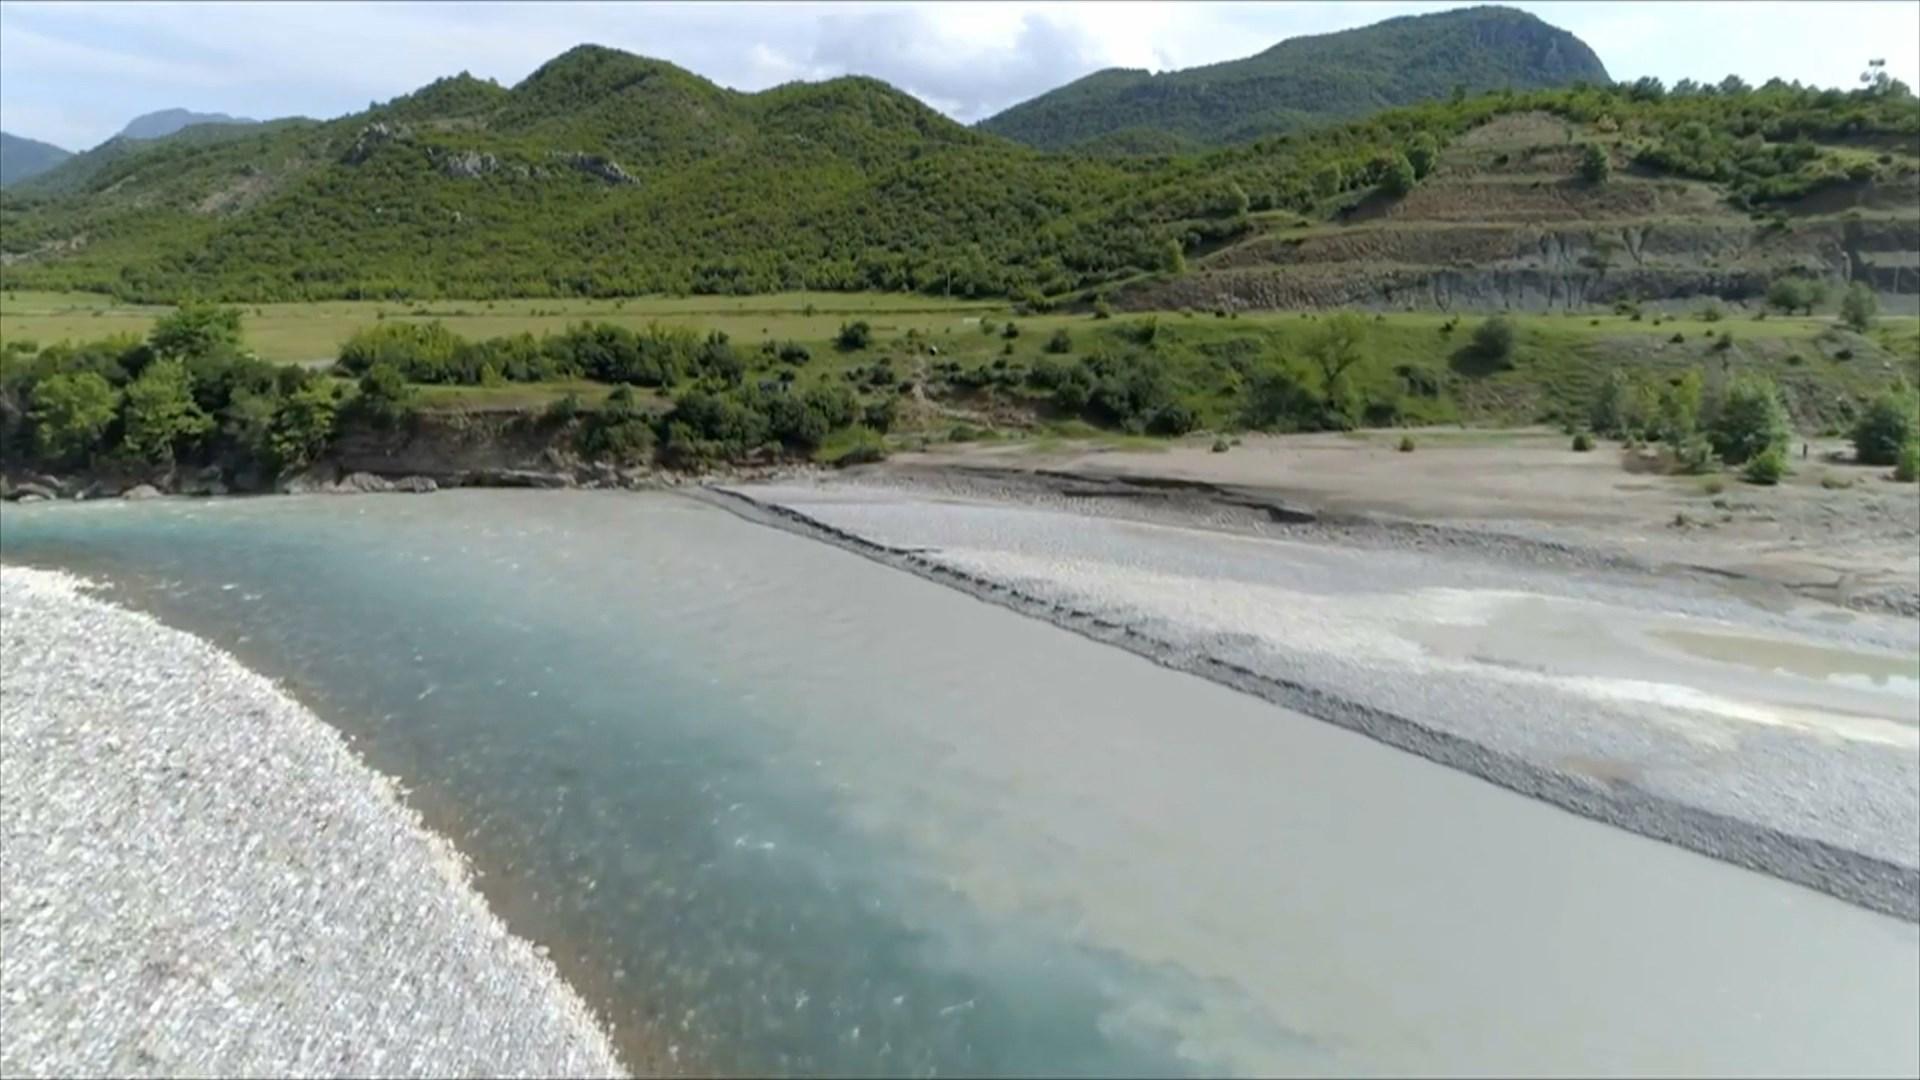 Raporti i BE: Lumenjtë në Shqipëri më të ndoturit në Europë